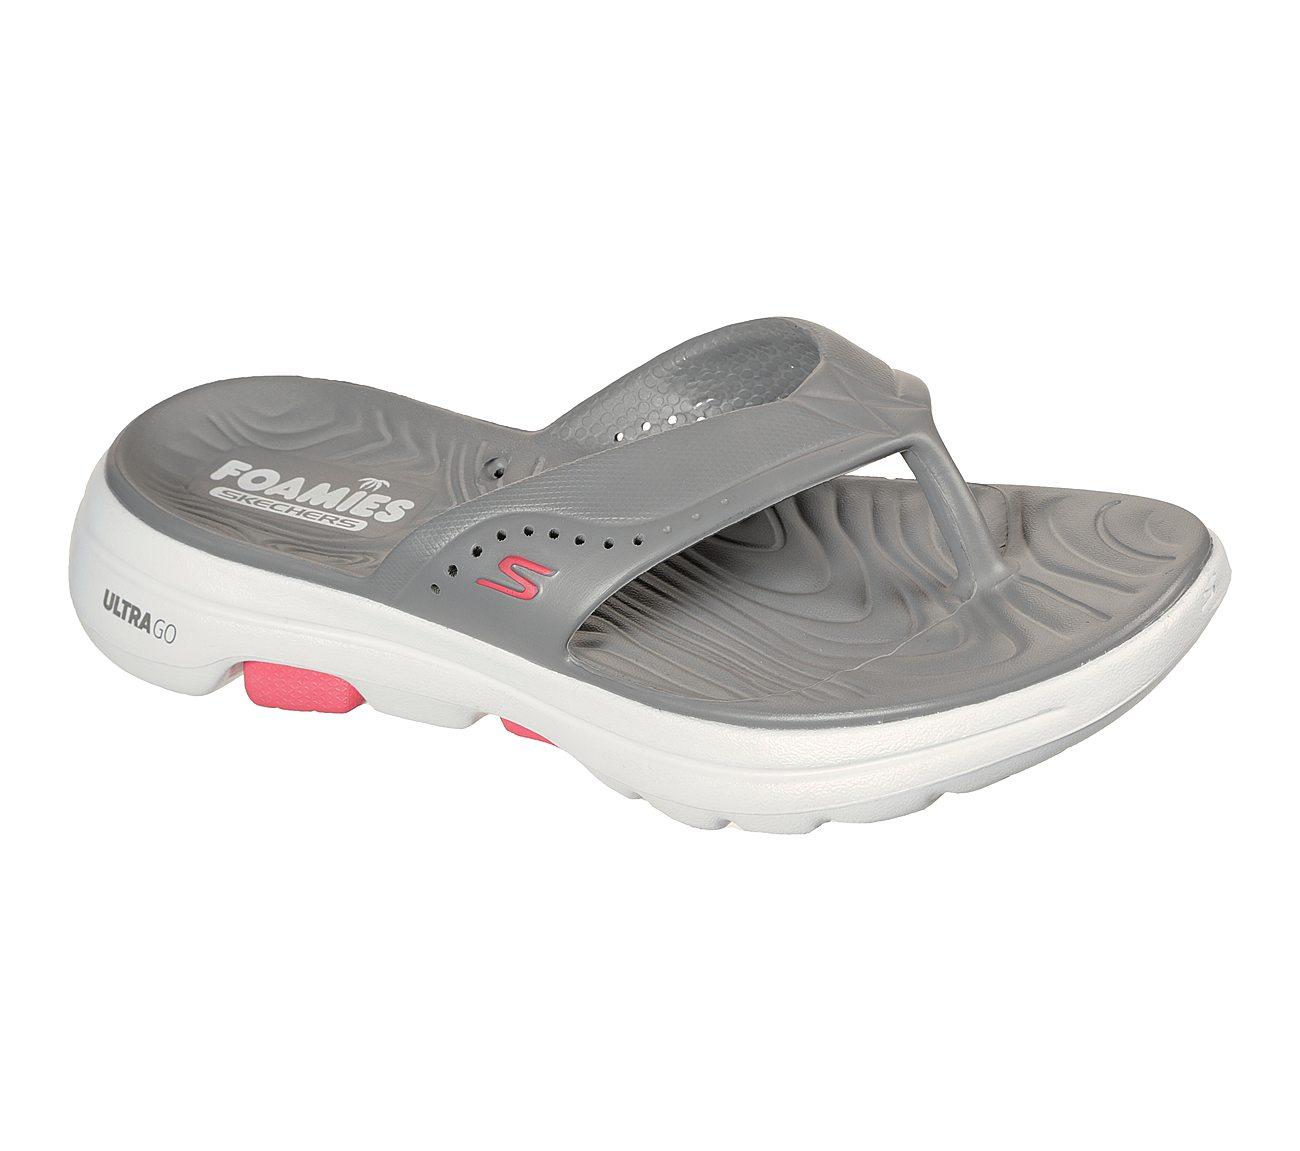 Buy SKECHERS Cali Gear: GOwalk 5 - Bali